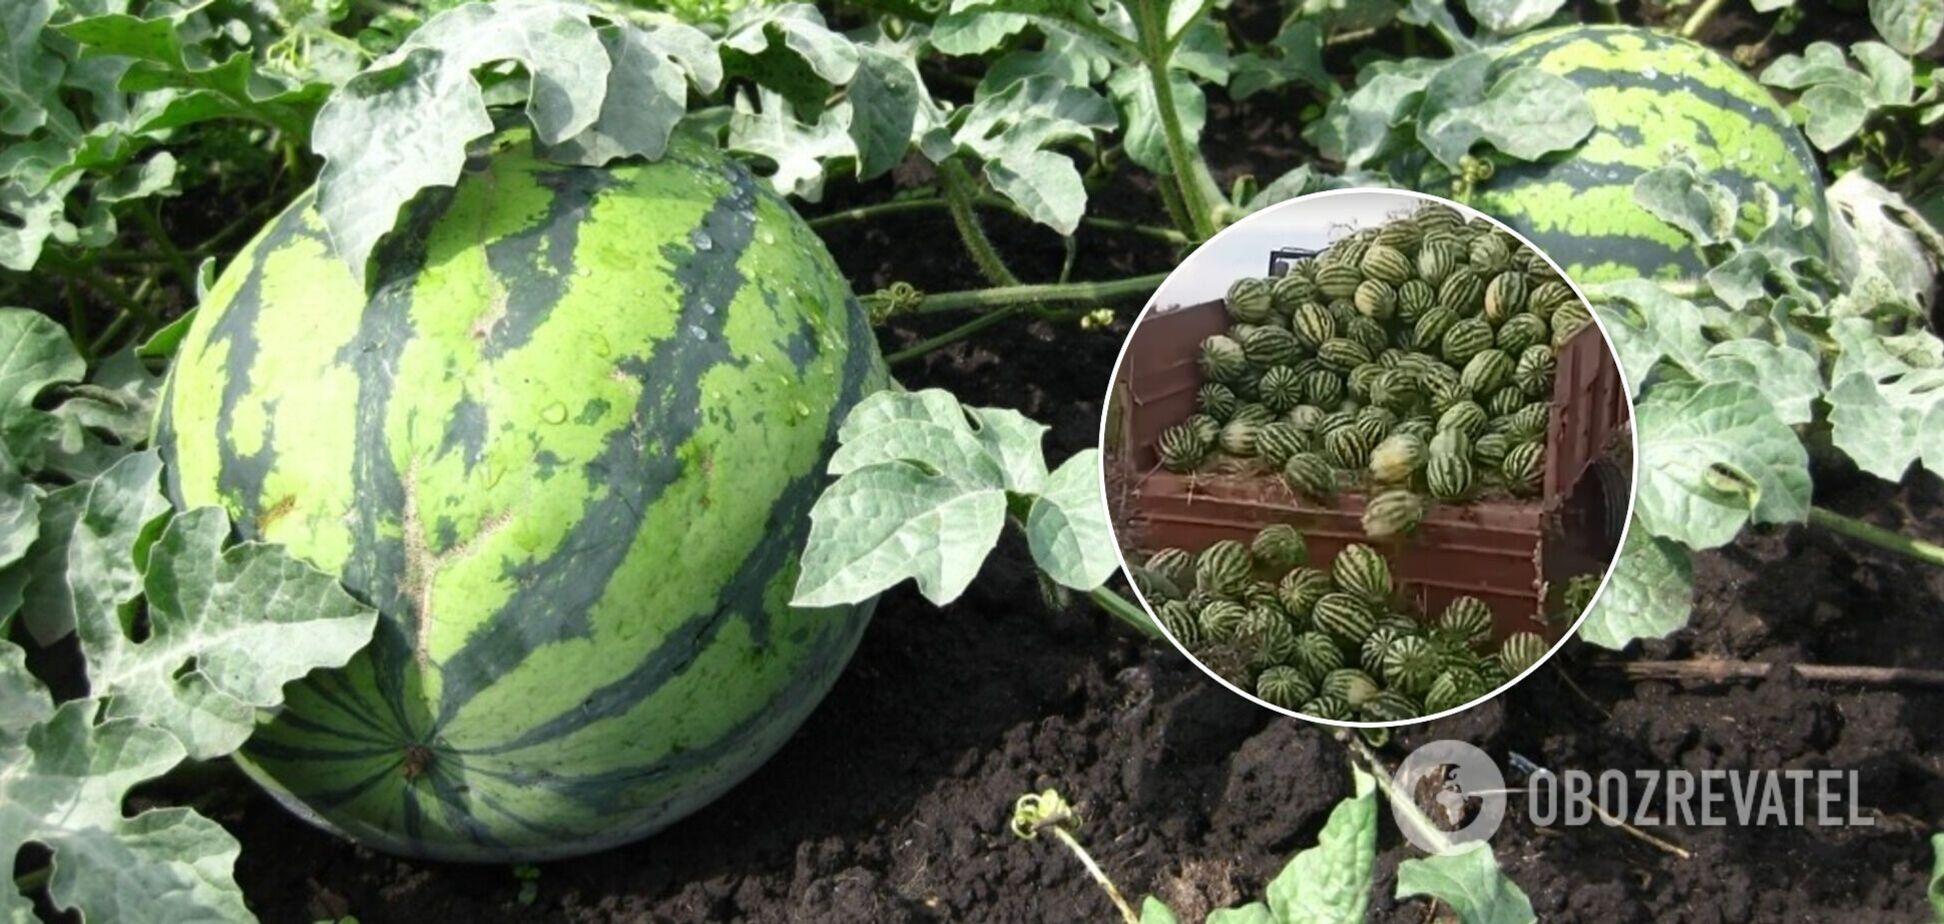 Херсонские фермеры выбрасывают арбузы из-за небывалого урожая. Видео